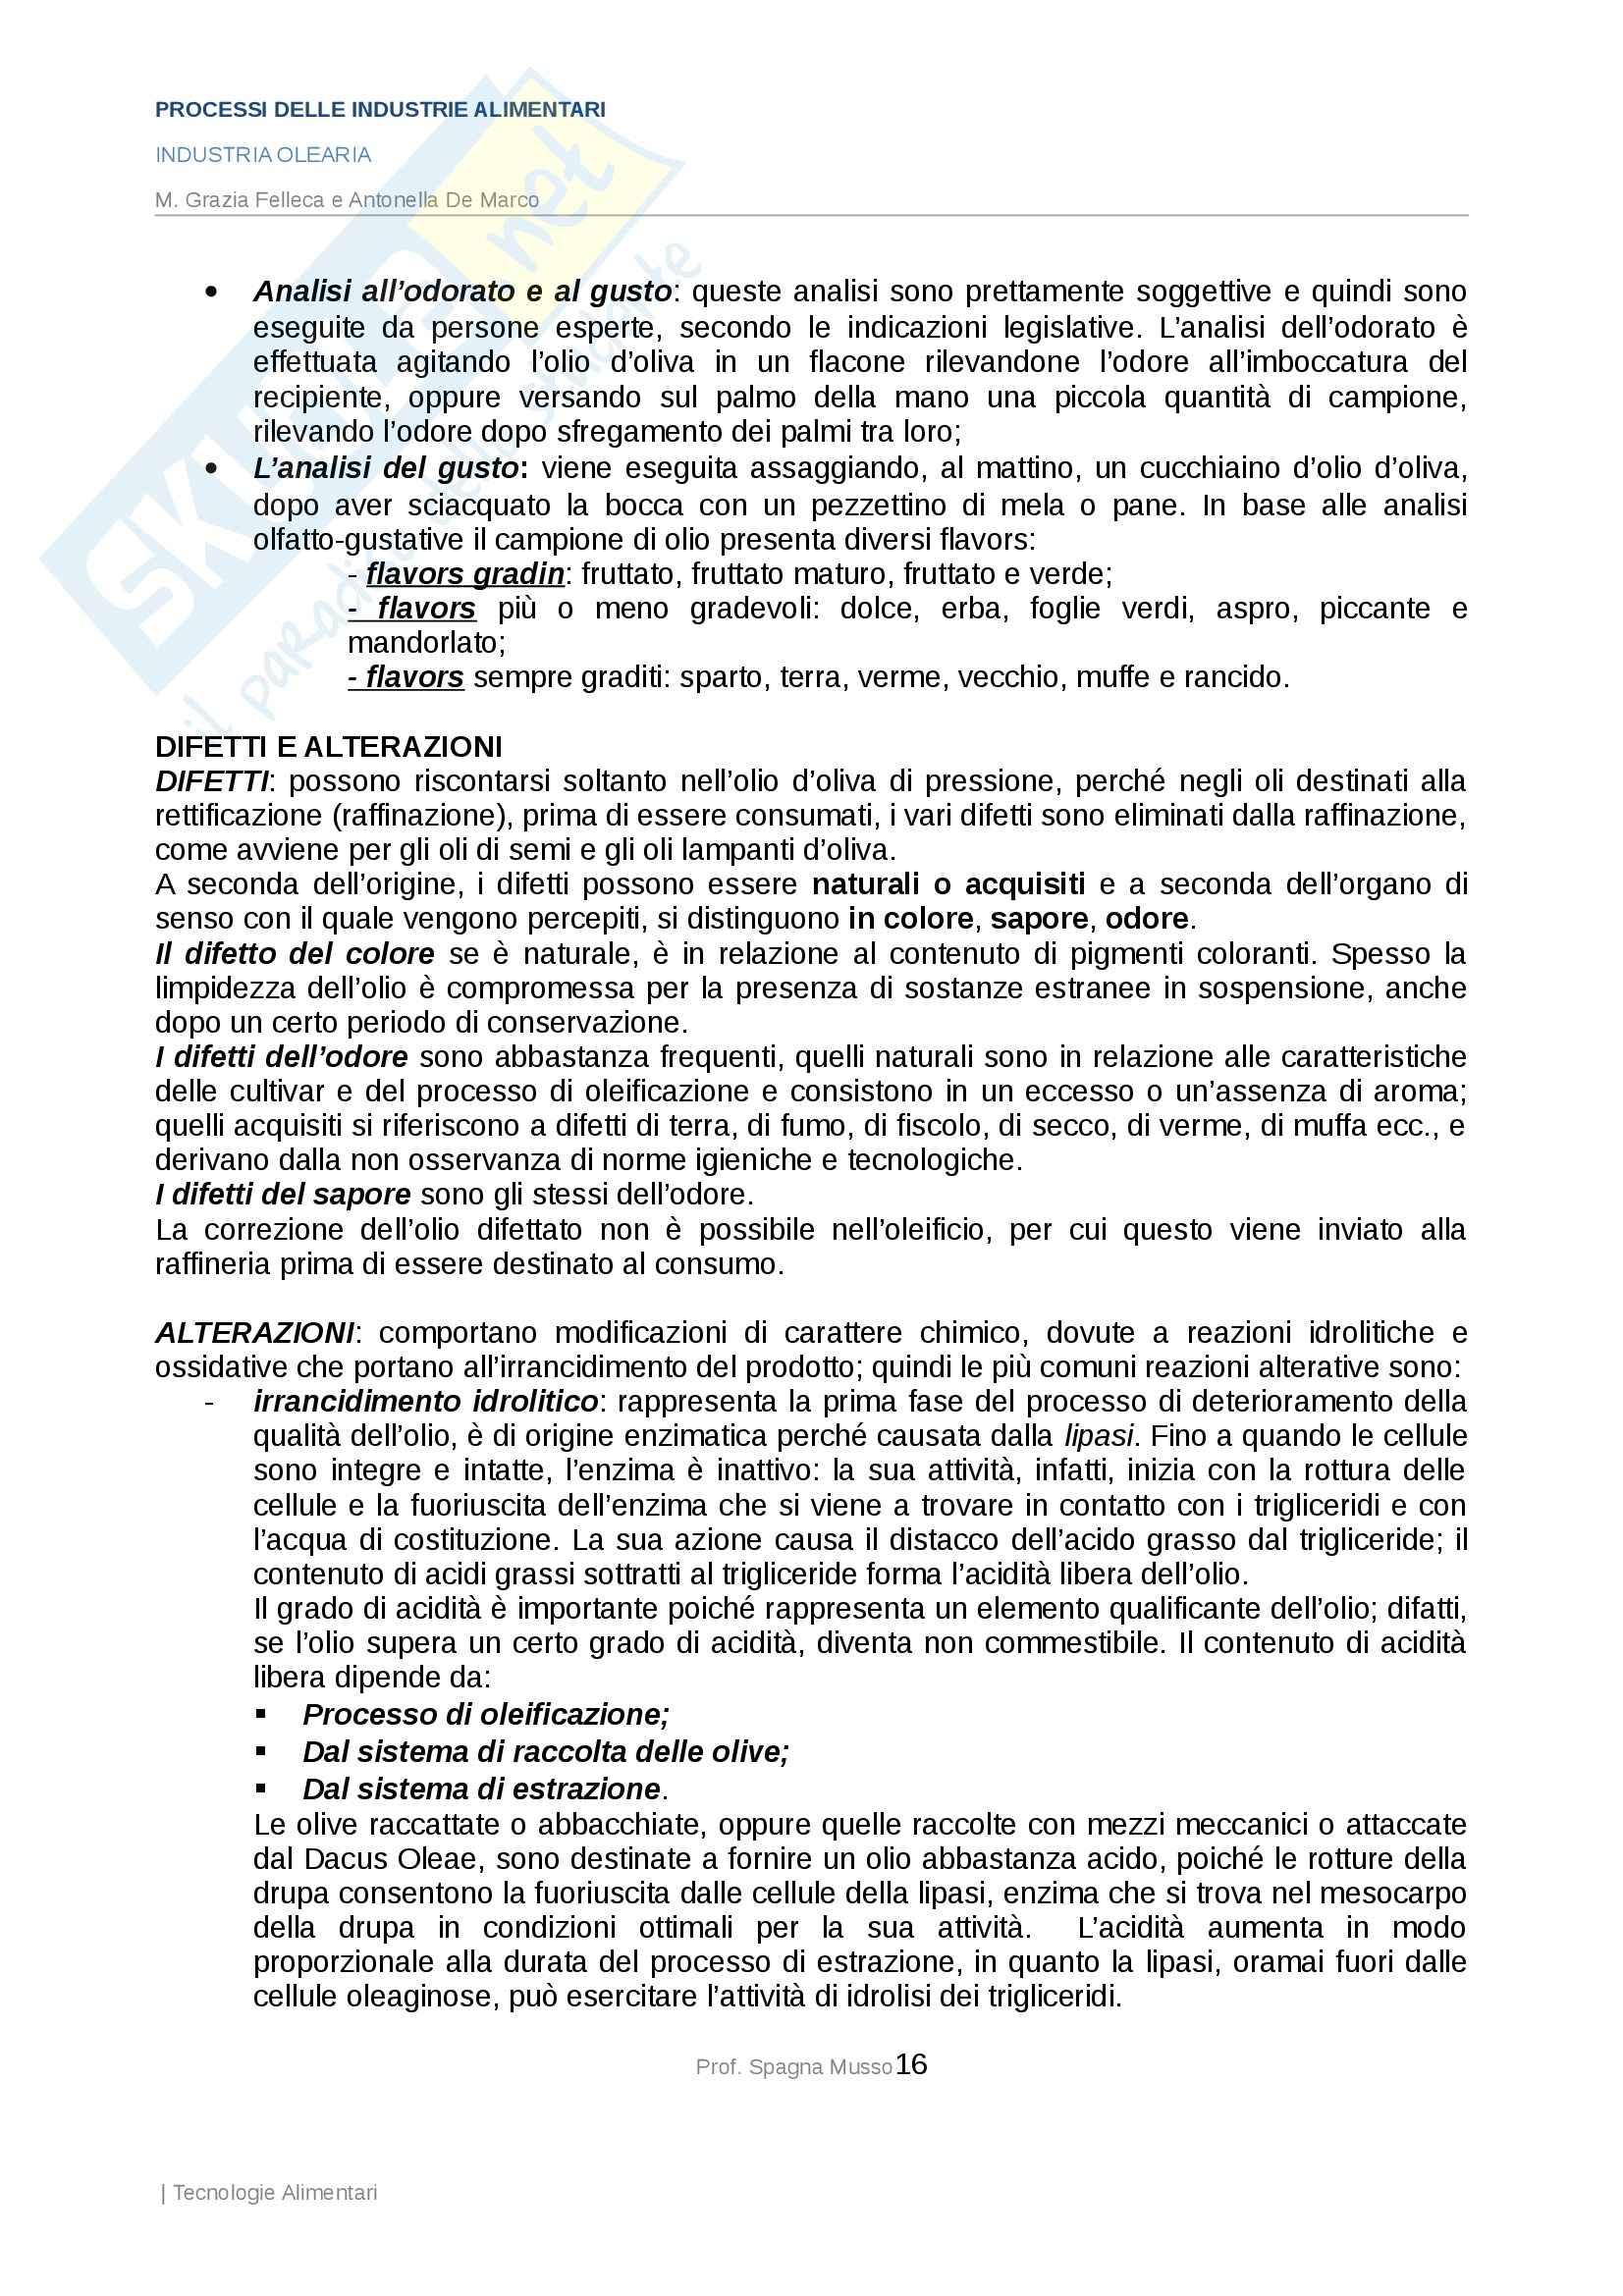 Processi delle industrie alimentari - industria olearia Pag. 16